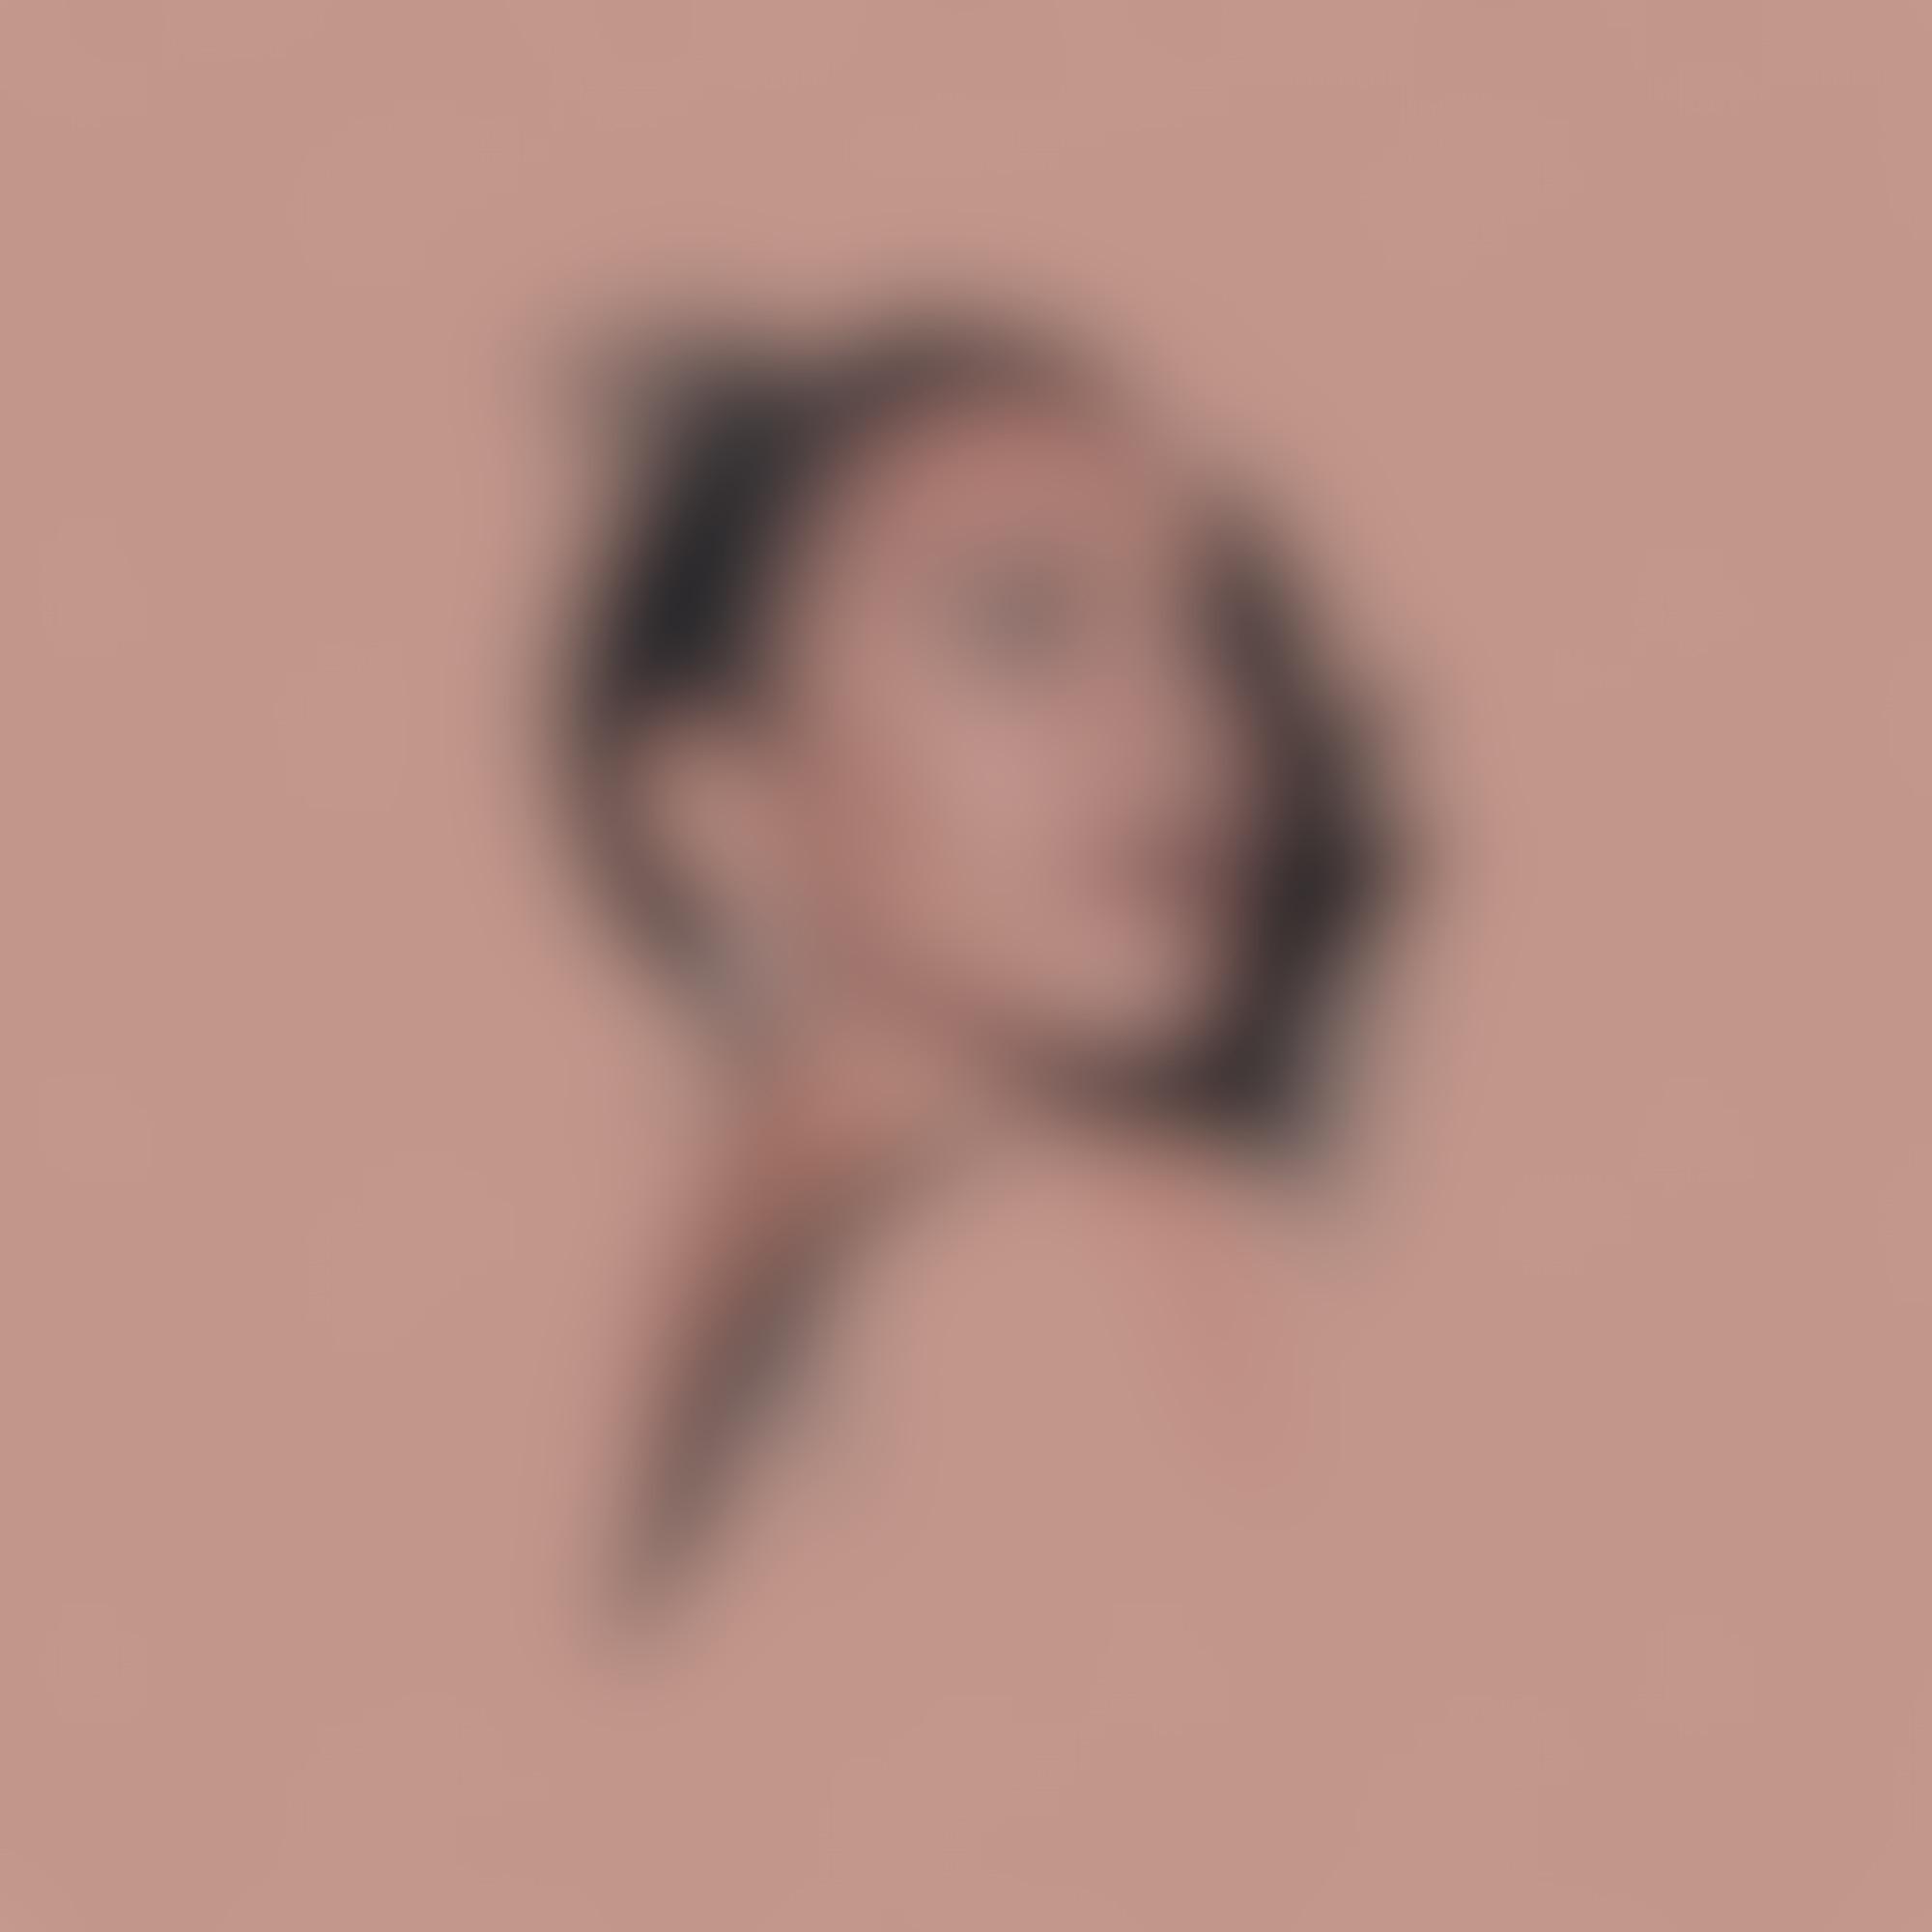 Freya betts illustrator lecture in progress5 autocompressfitresizeixlibphp 1 1 0max h2000max w3 D2000q80s849d8d89b22f538c6e08bdcad2f89c41